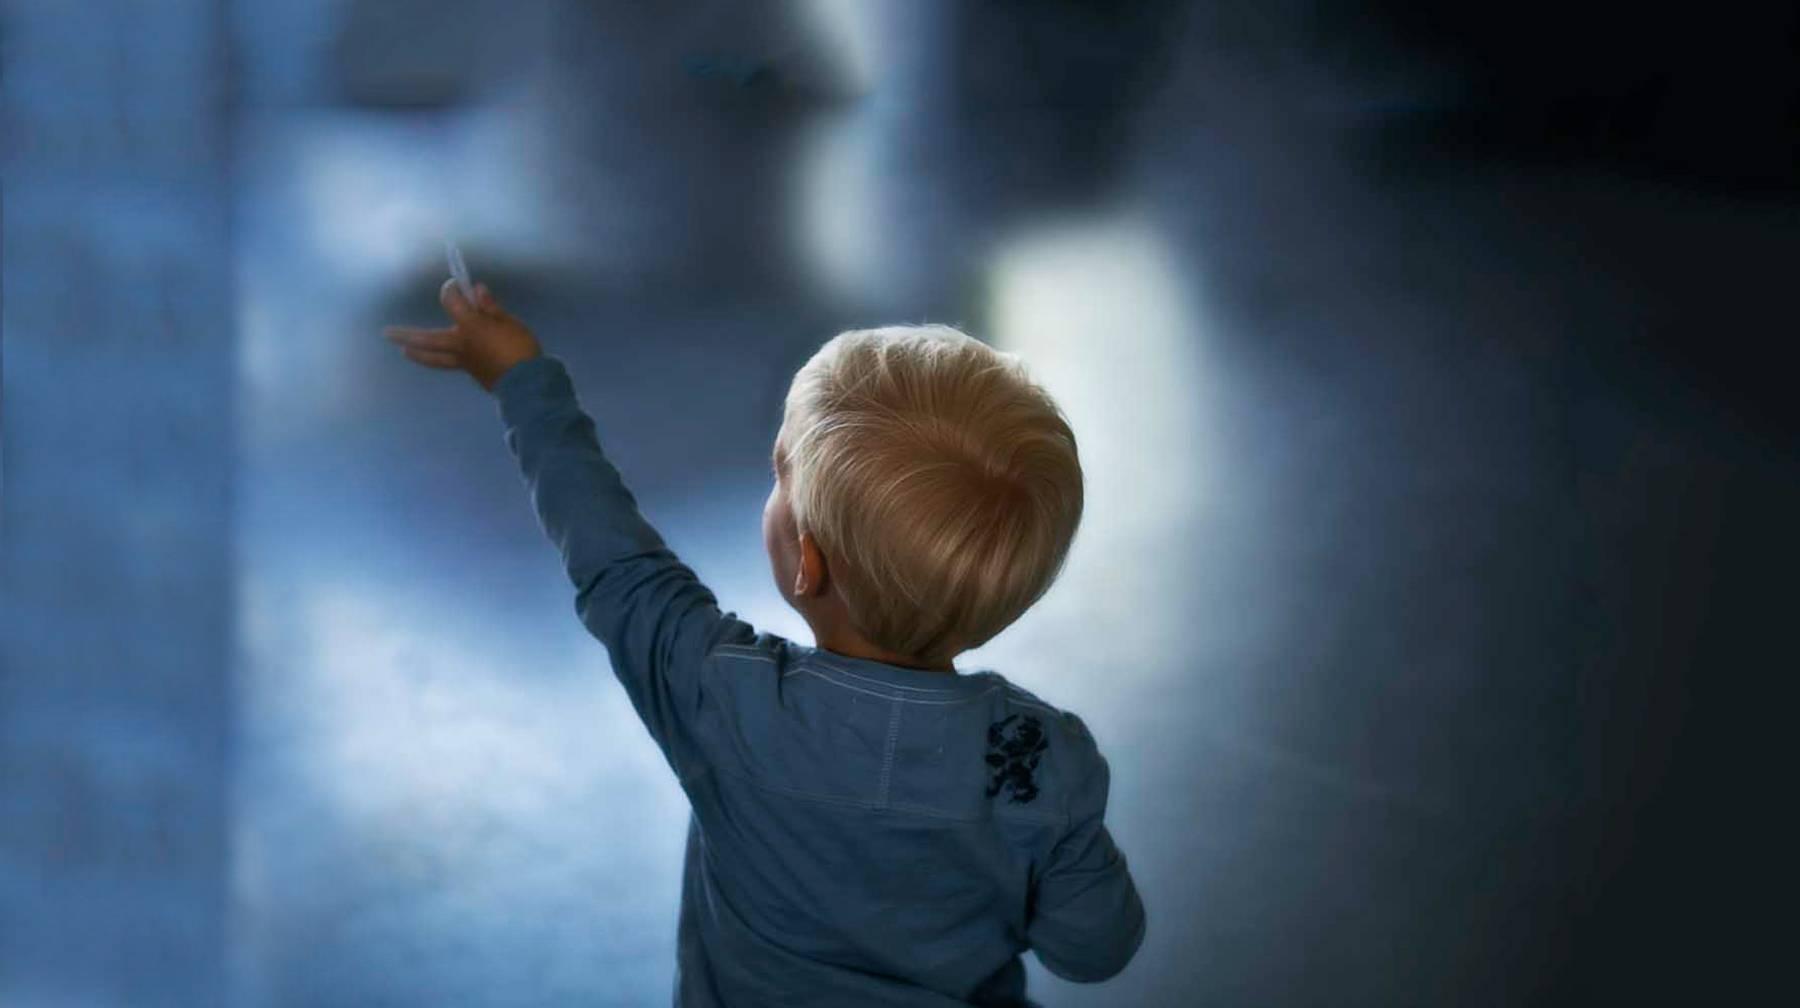 У ребенка есть воображаемый друг. воображаемые друзья у вашего ребенка: кто они и есть ли повод для беспокойства